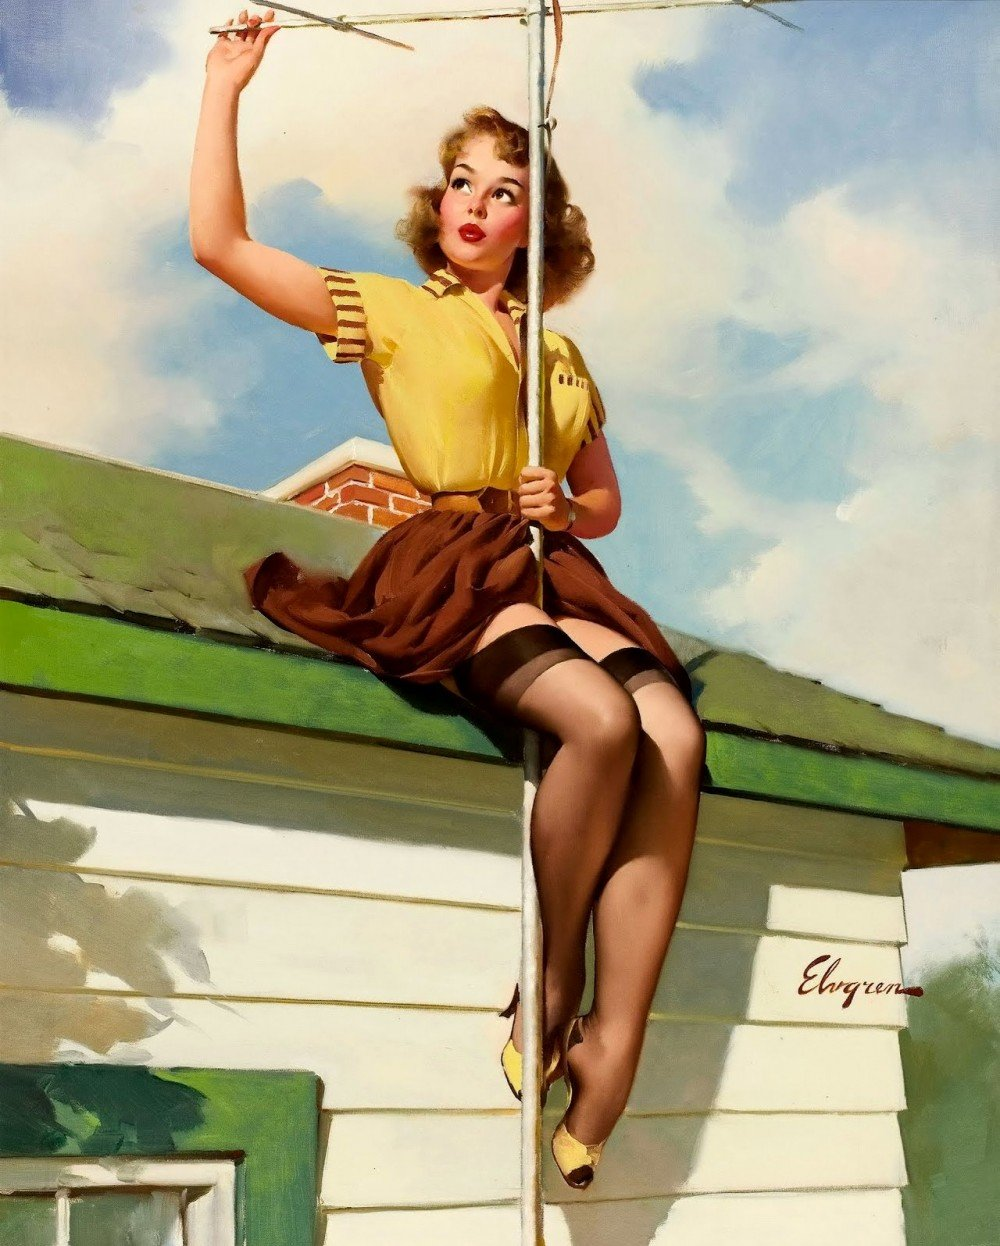 Февраля только, картинки девушек 50 х годов